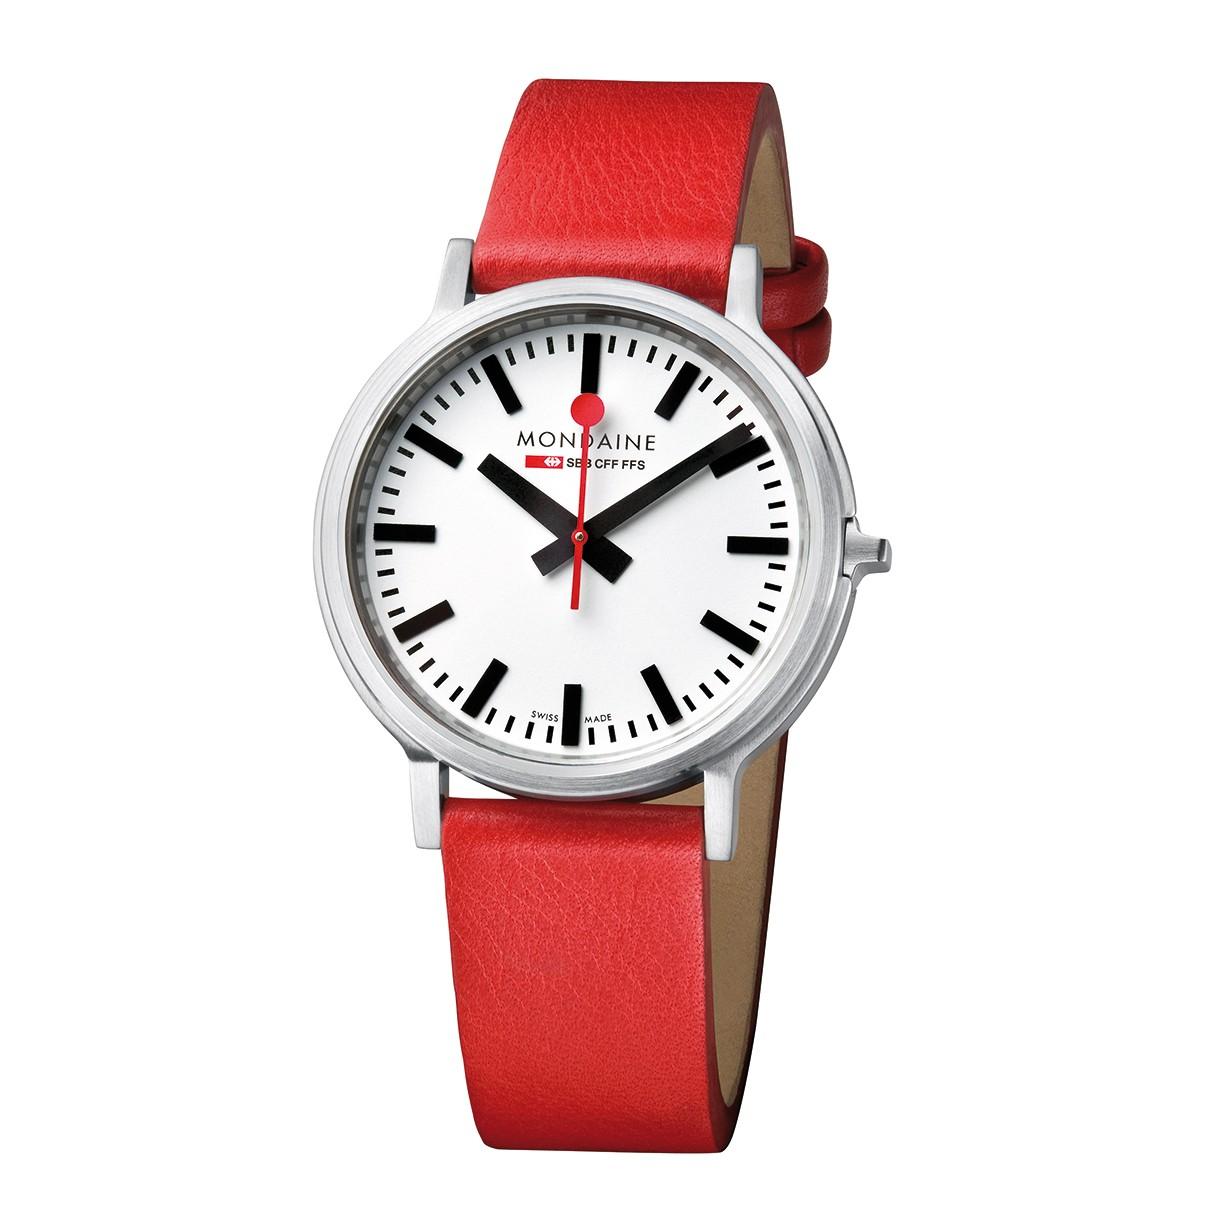 Mondaine swiss watch Stop2go A512.30358.16sbc